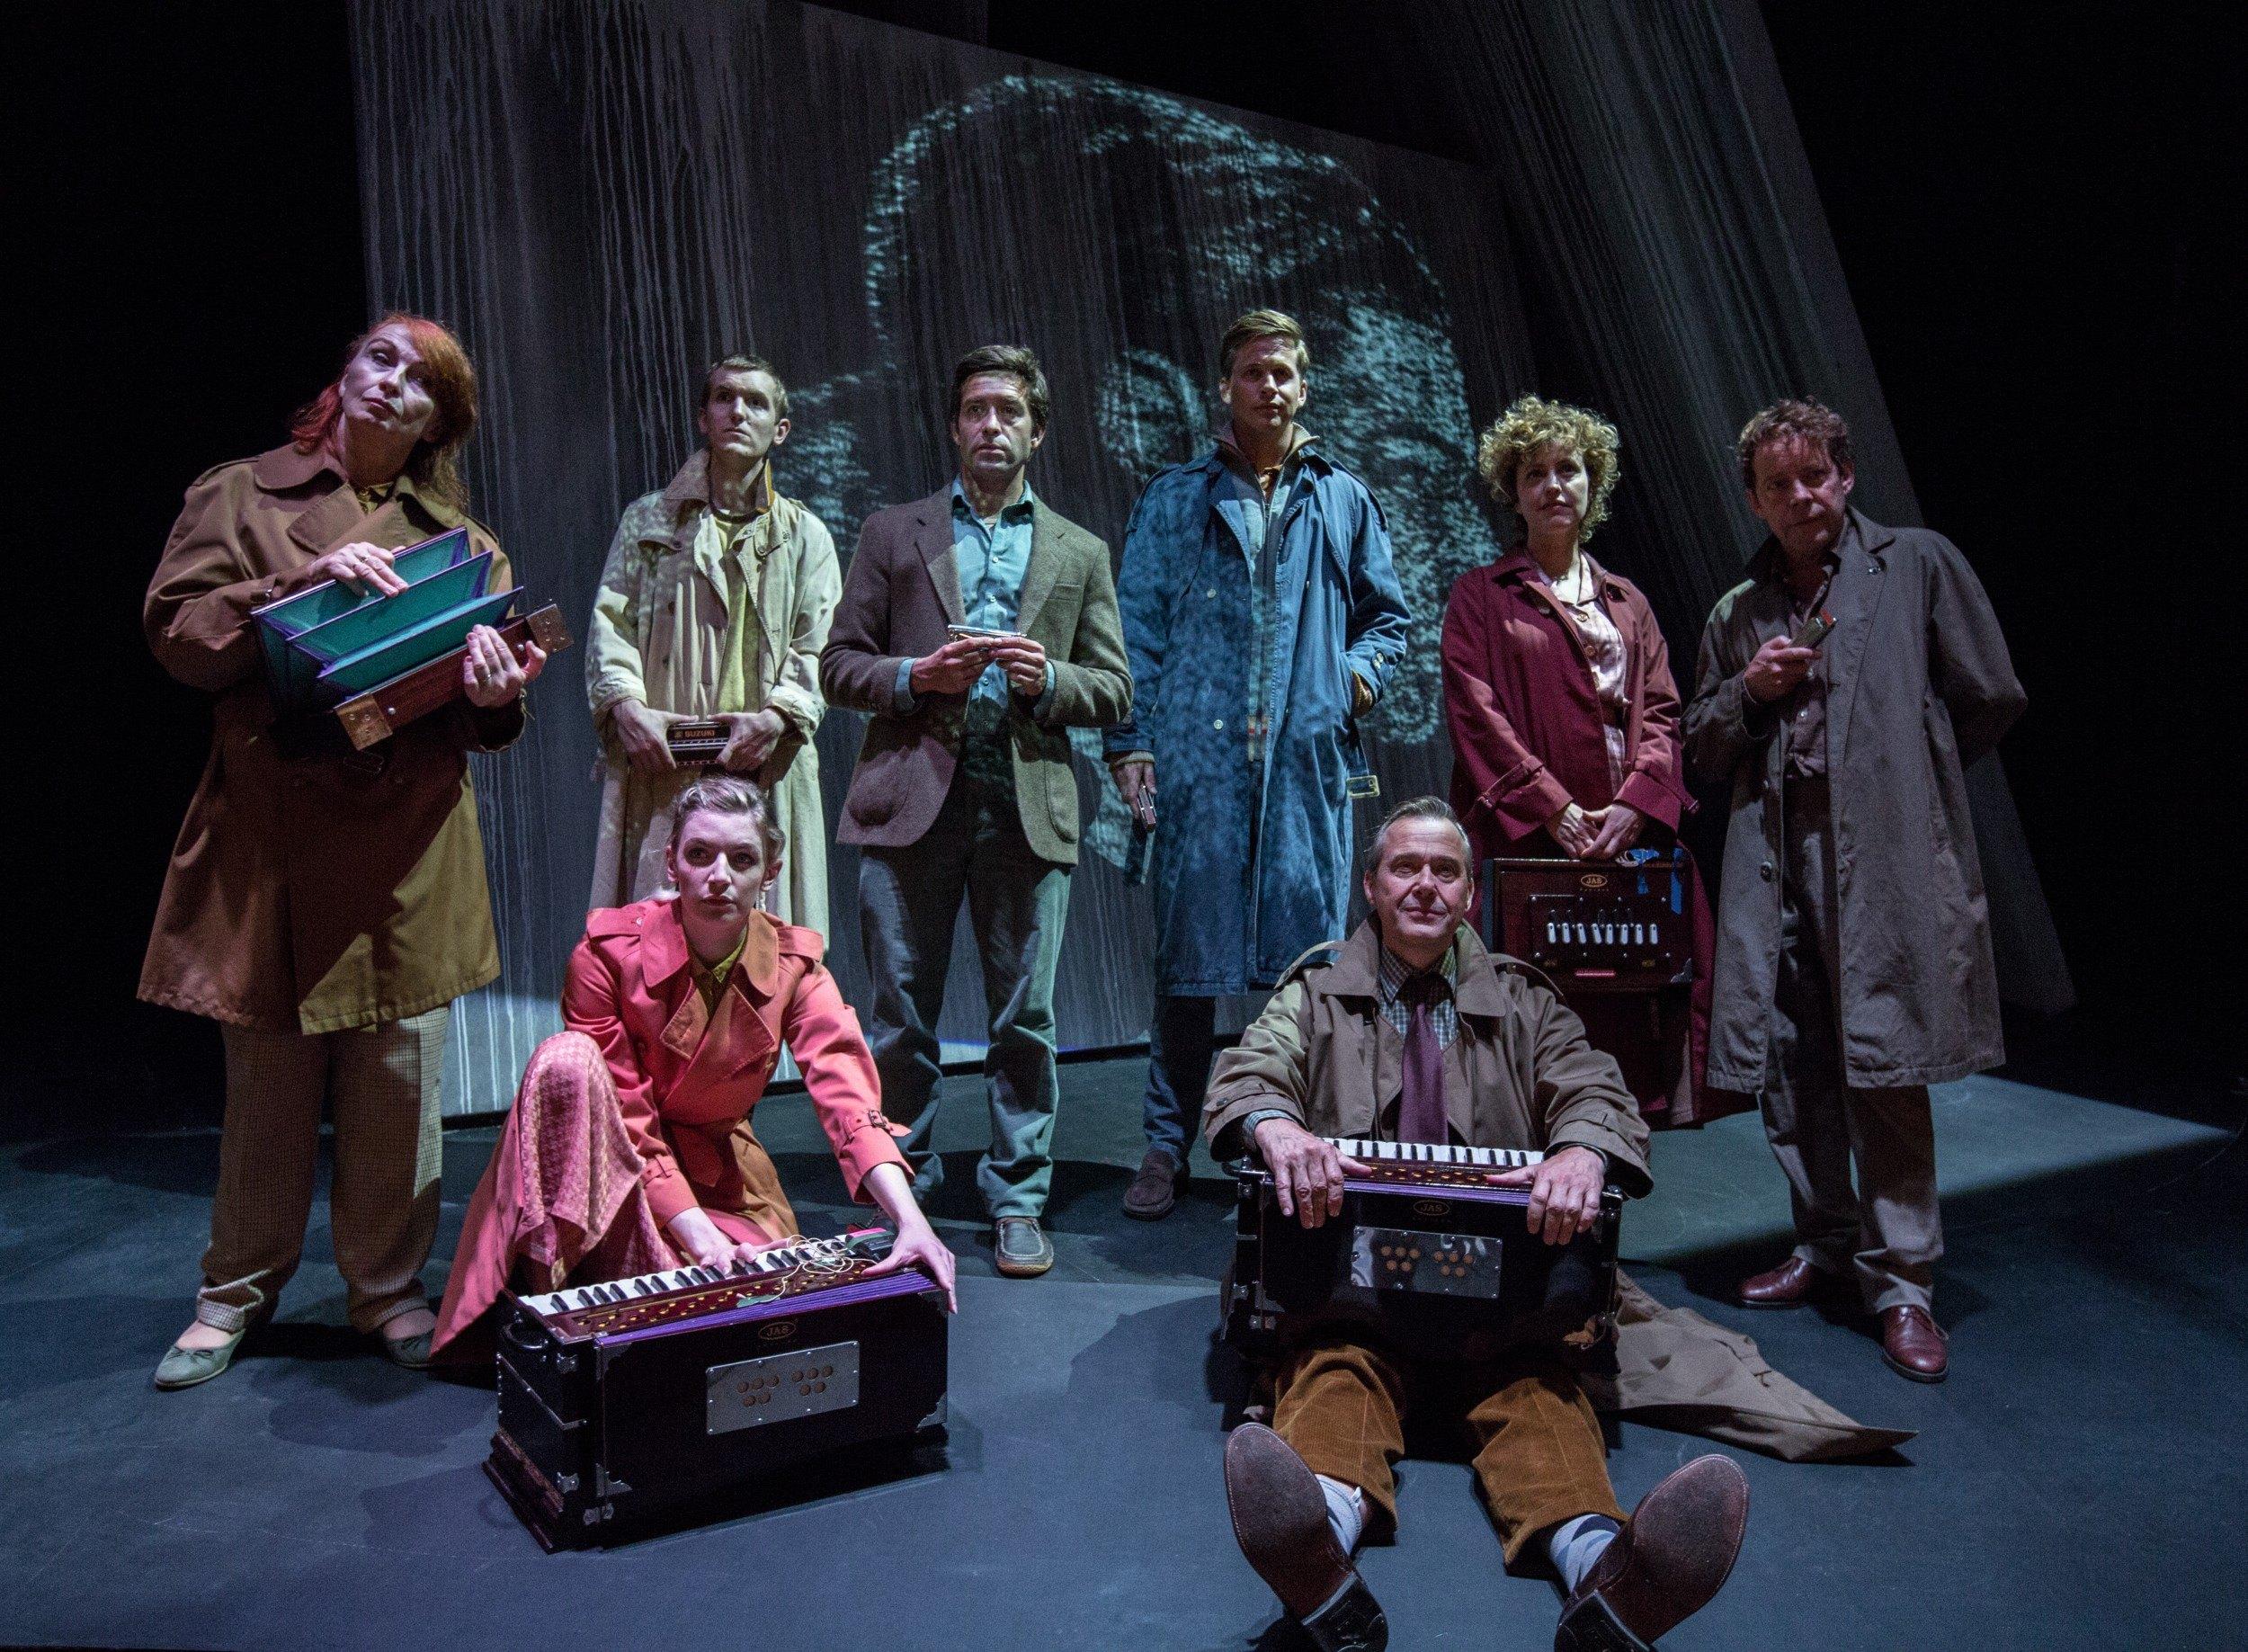 Anmeldelse: Dekalog, Betty Nansen Teatret